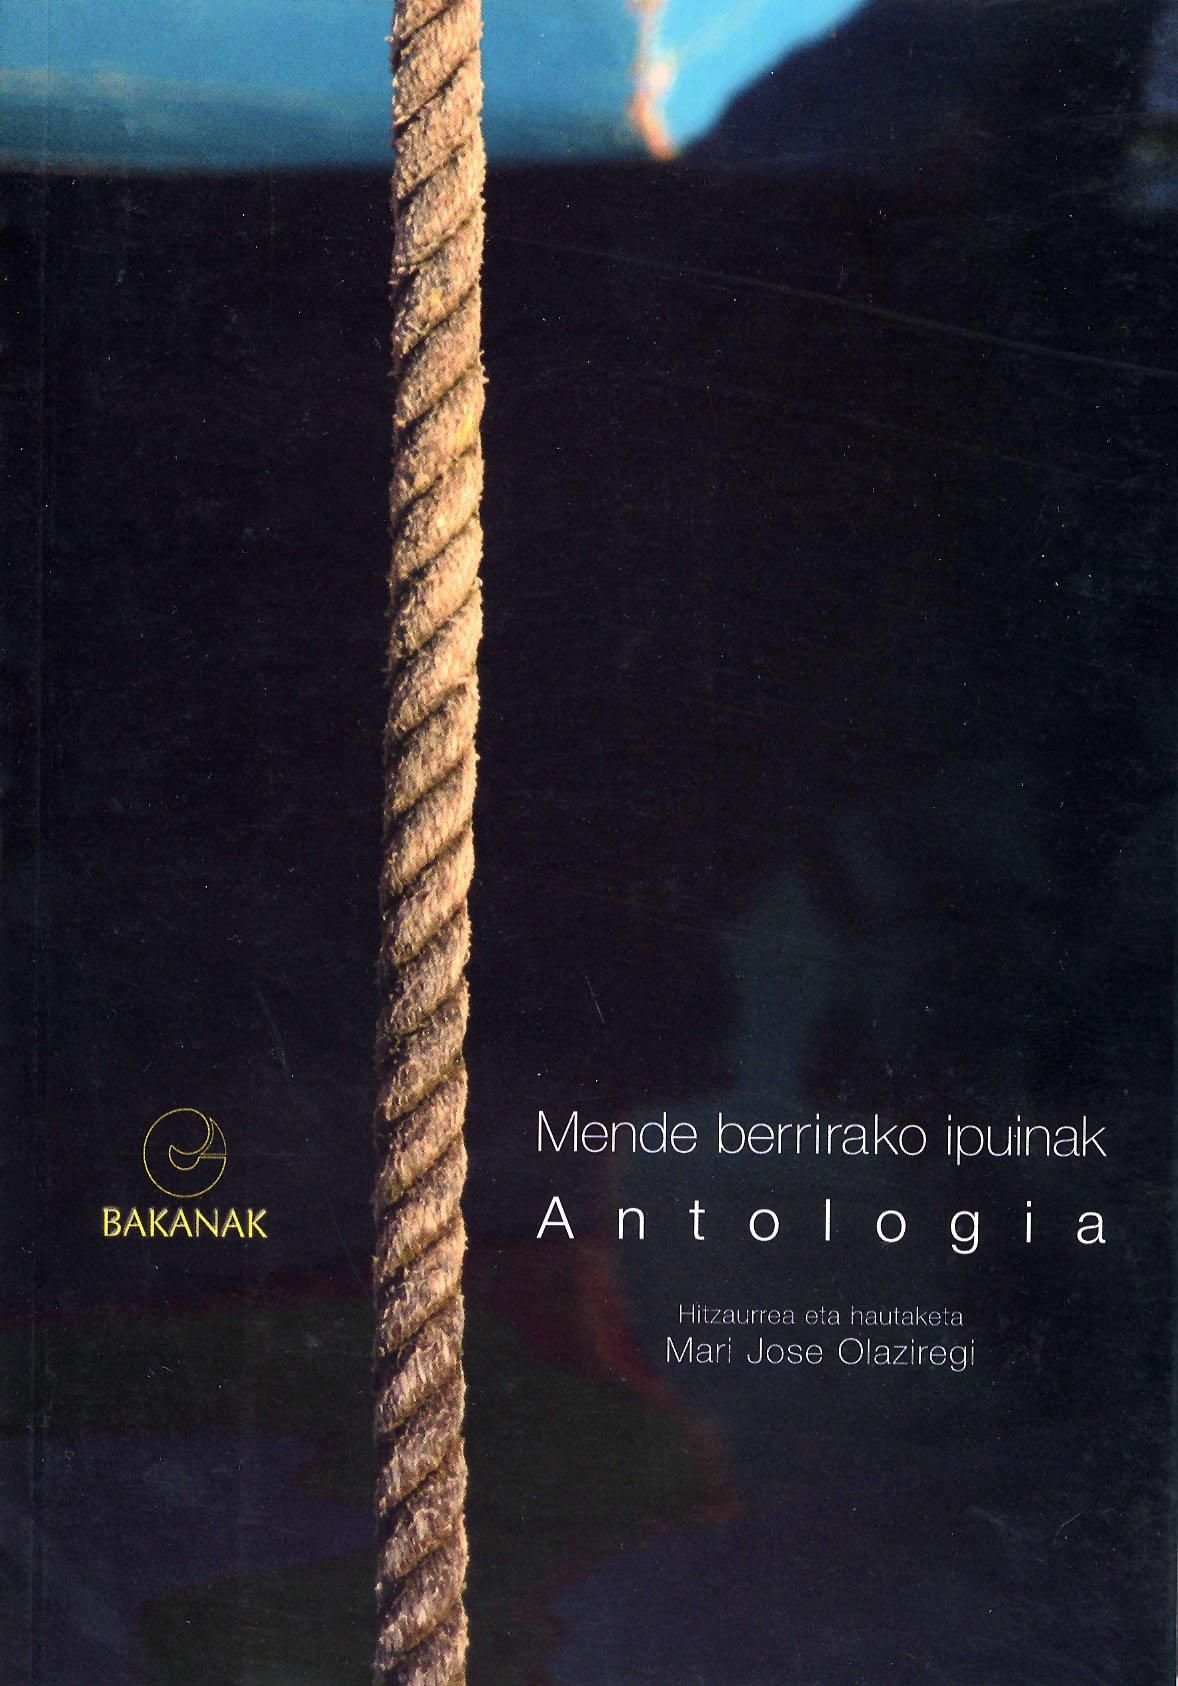 Mende Berrirako Ipuinak Antologia (Bakanak) (Euskera) Tapa blanda – 12 abr 2005 Mari Jose Olaziregi Bernardo Atxaga Harkaitz Cano Javi Cillero